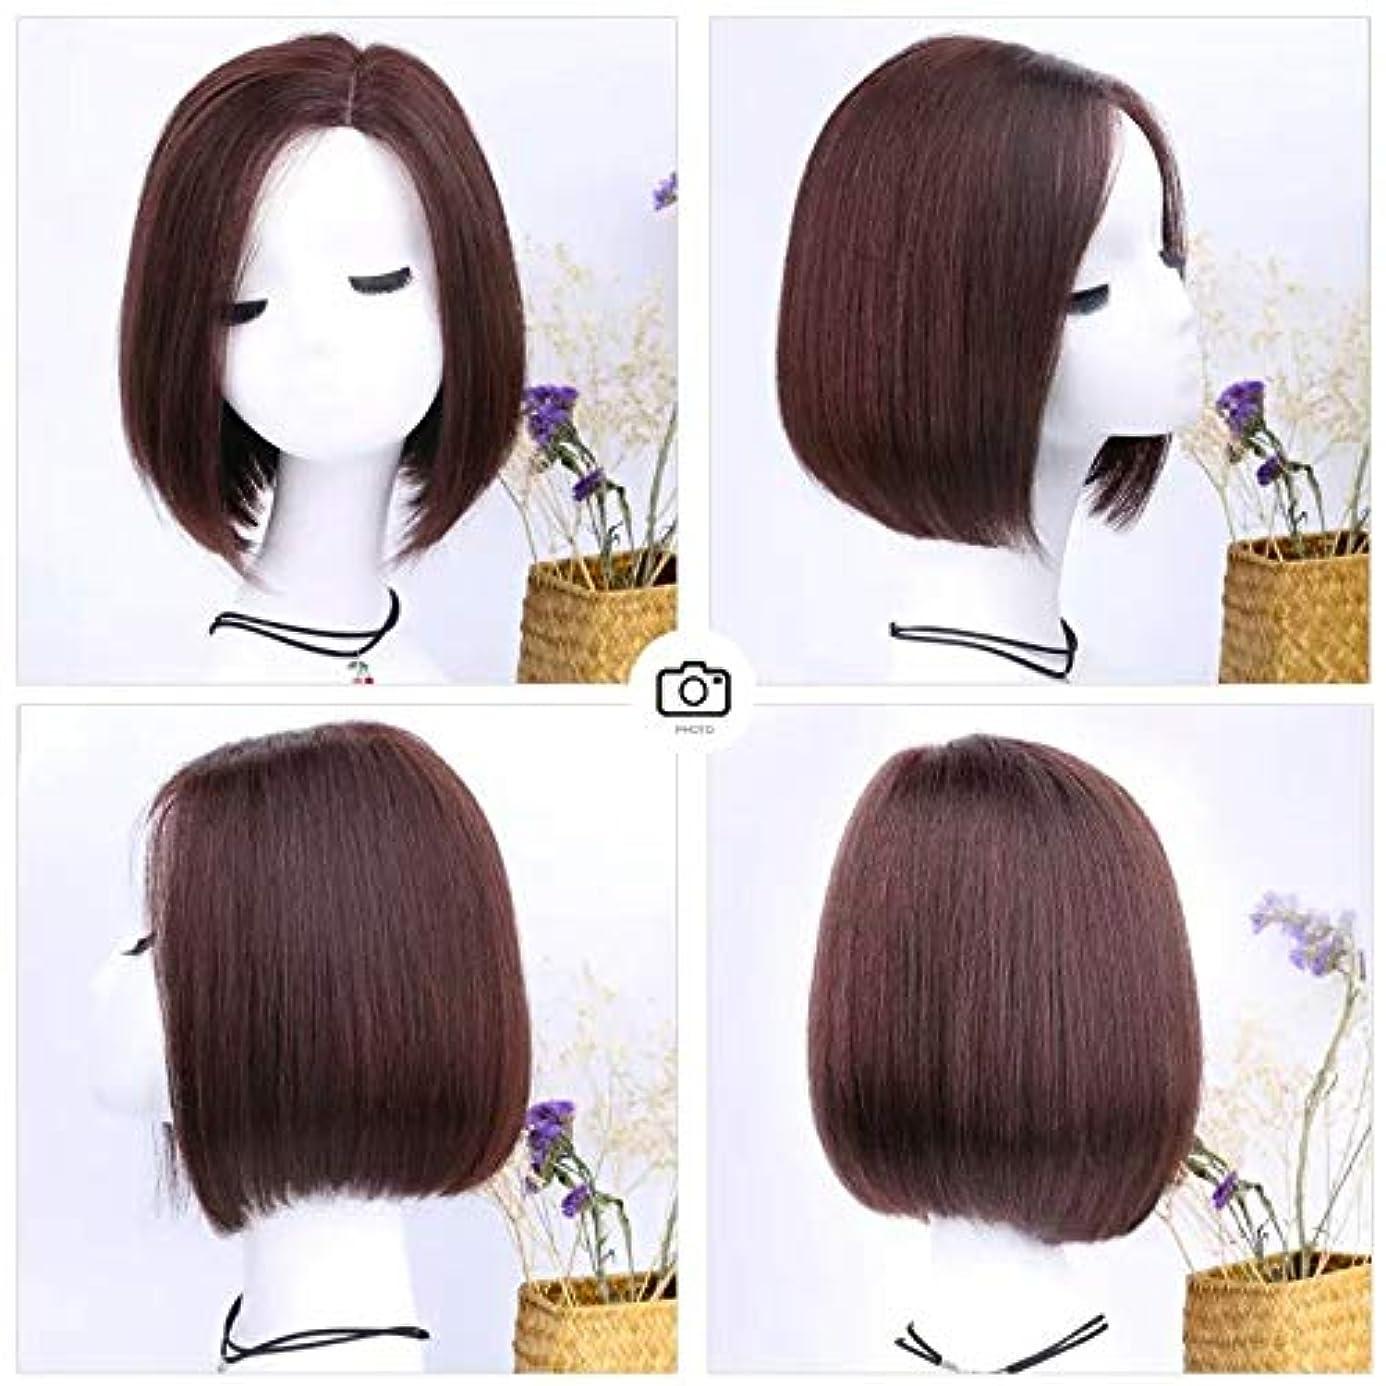 排泄する割れ目勃起YOUQIU ロングストレートヘアーの女性のかつらのために実際に髪の内側にバックルふんわりナチュラルウィッグでボブショートヘア (色 : Dark brown, Design : Full hand weaving)